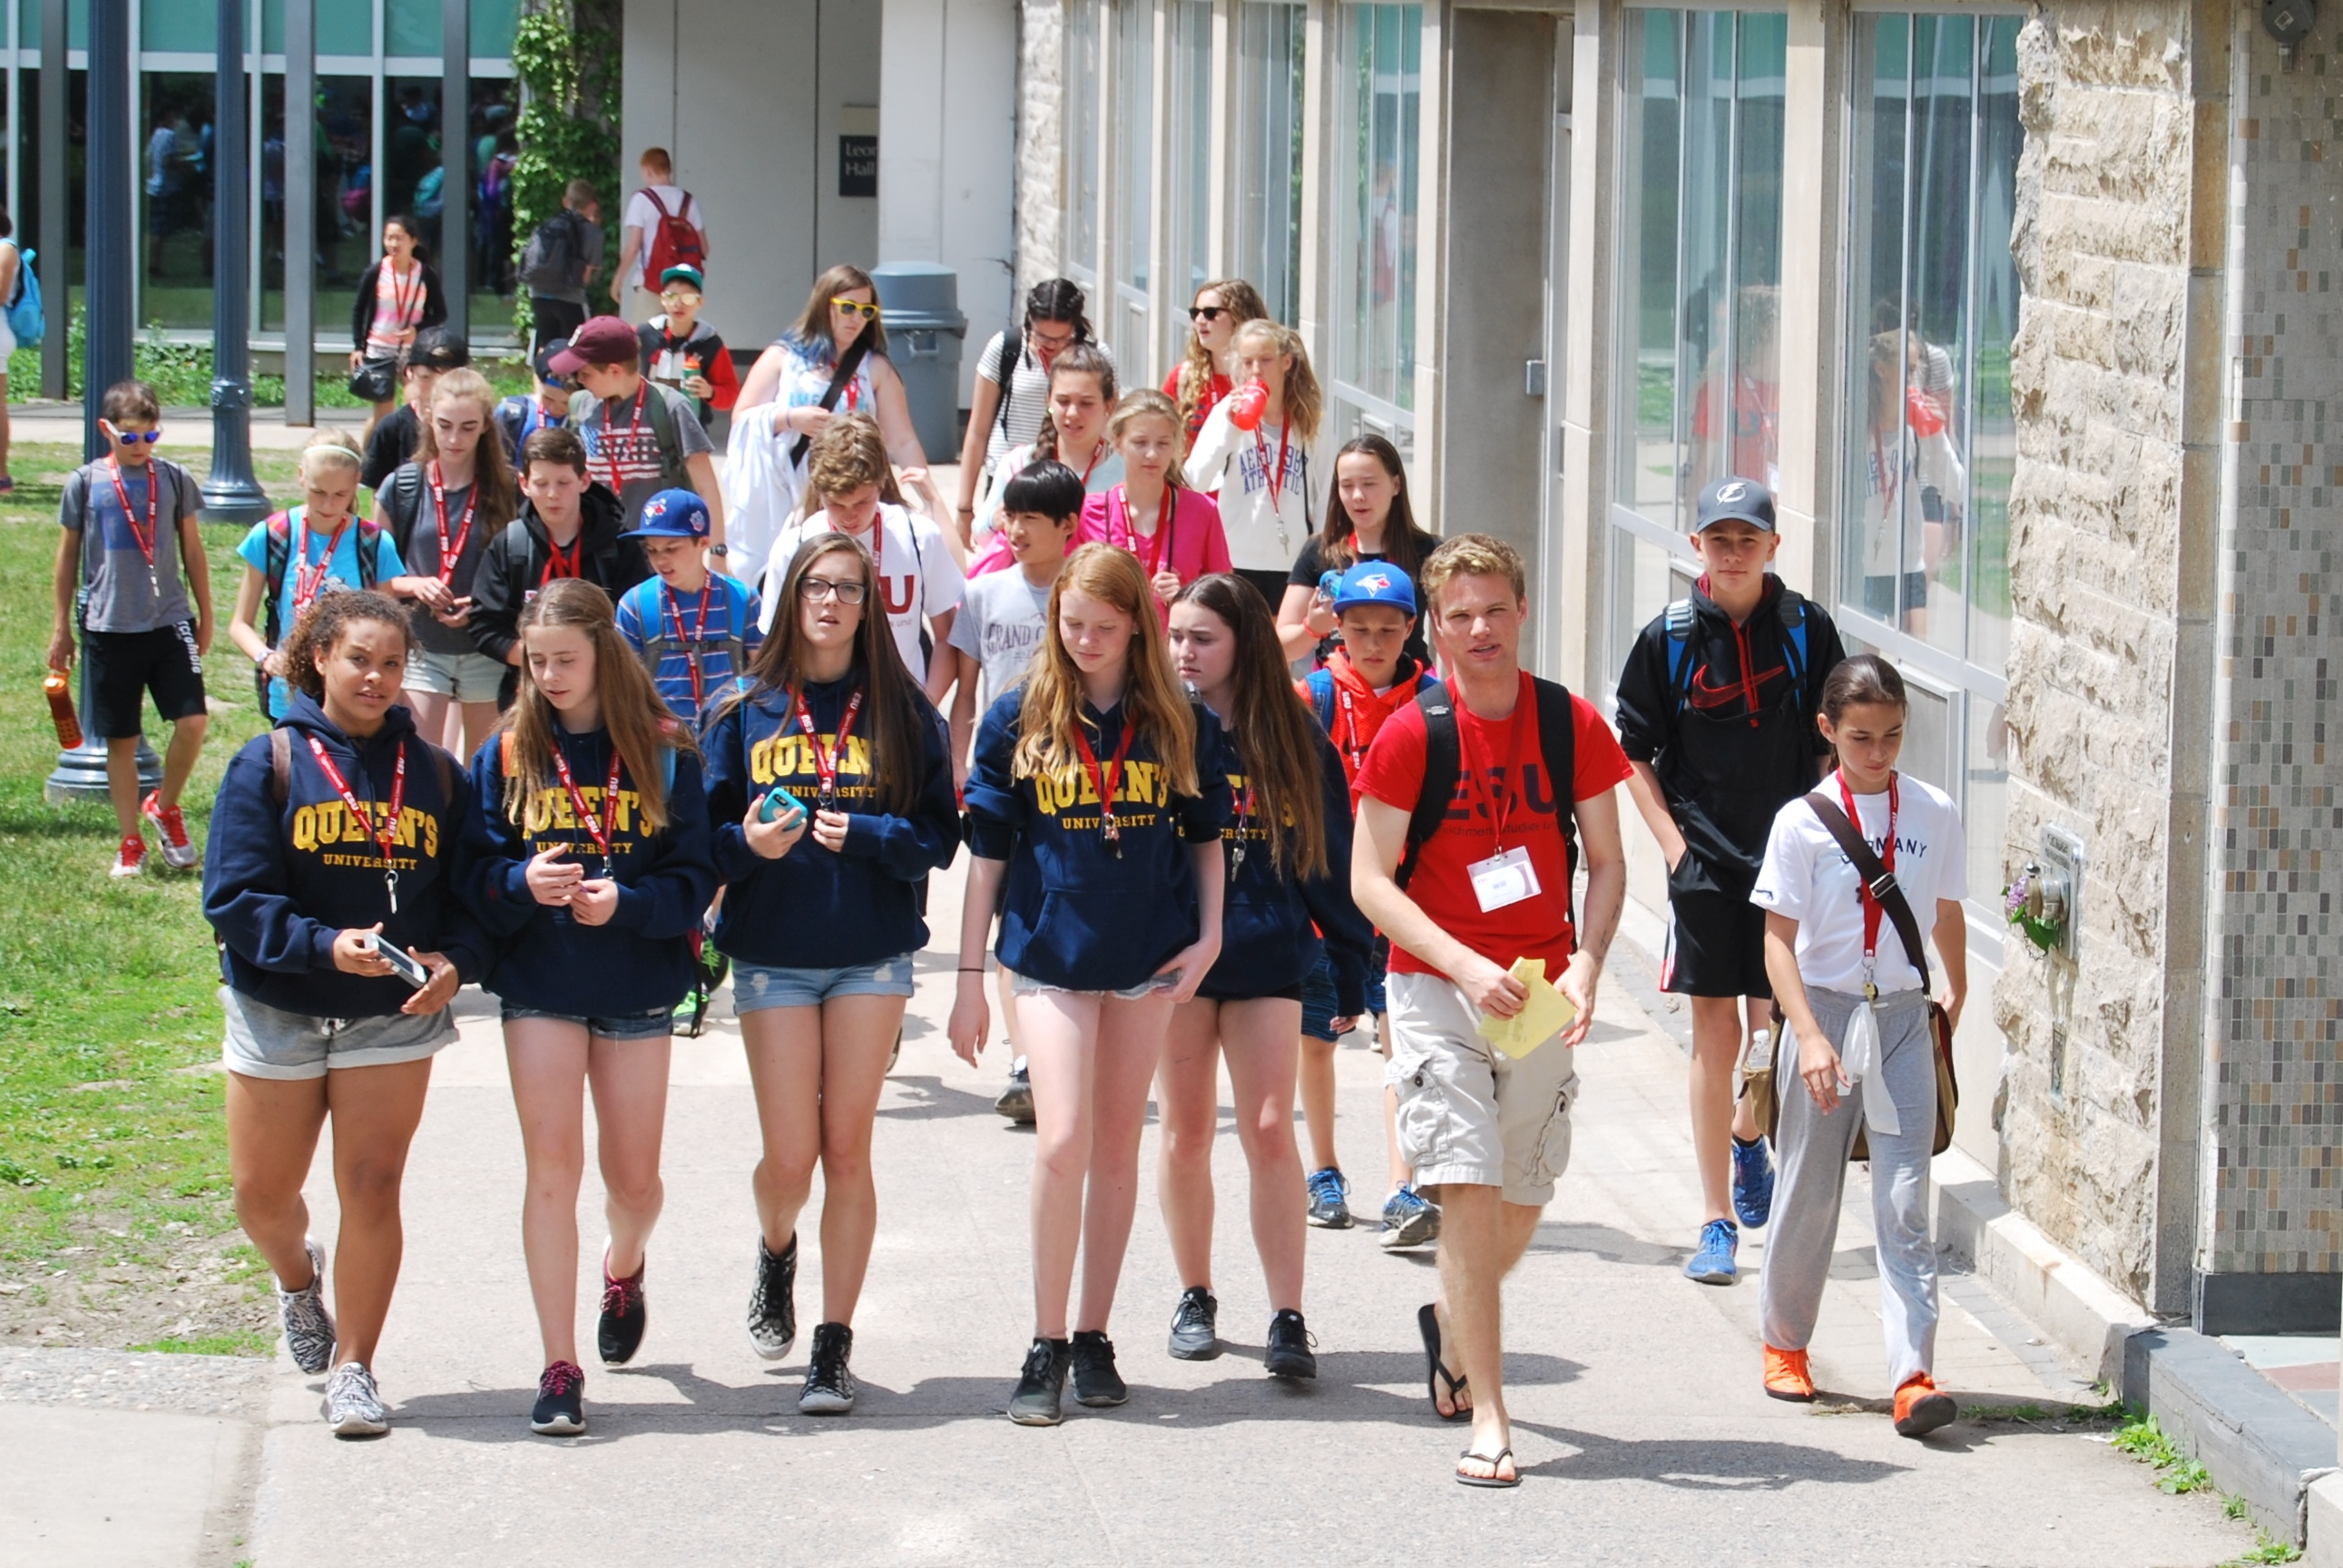 Summer Program - Climate Change | Enrichment Studies Unit at Queen's University